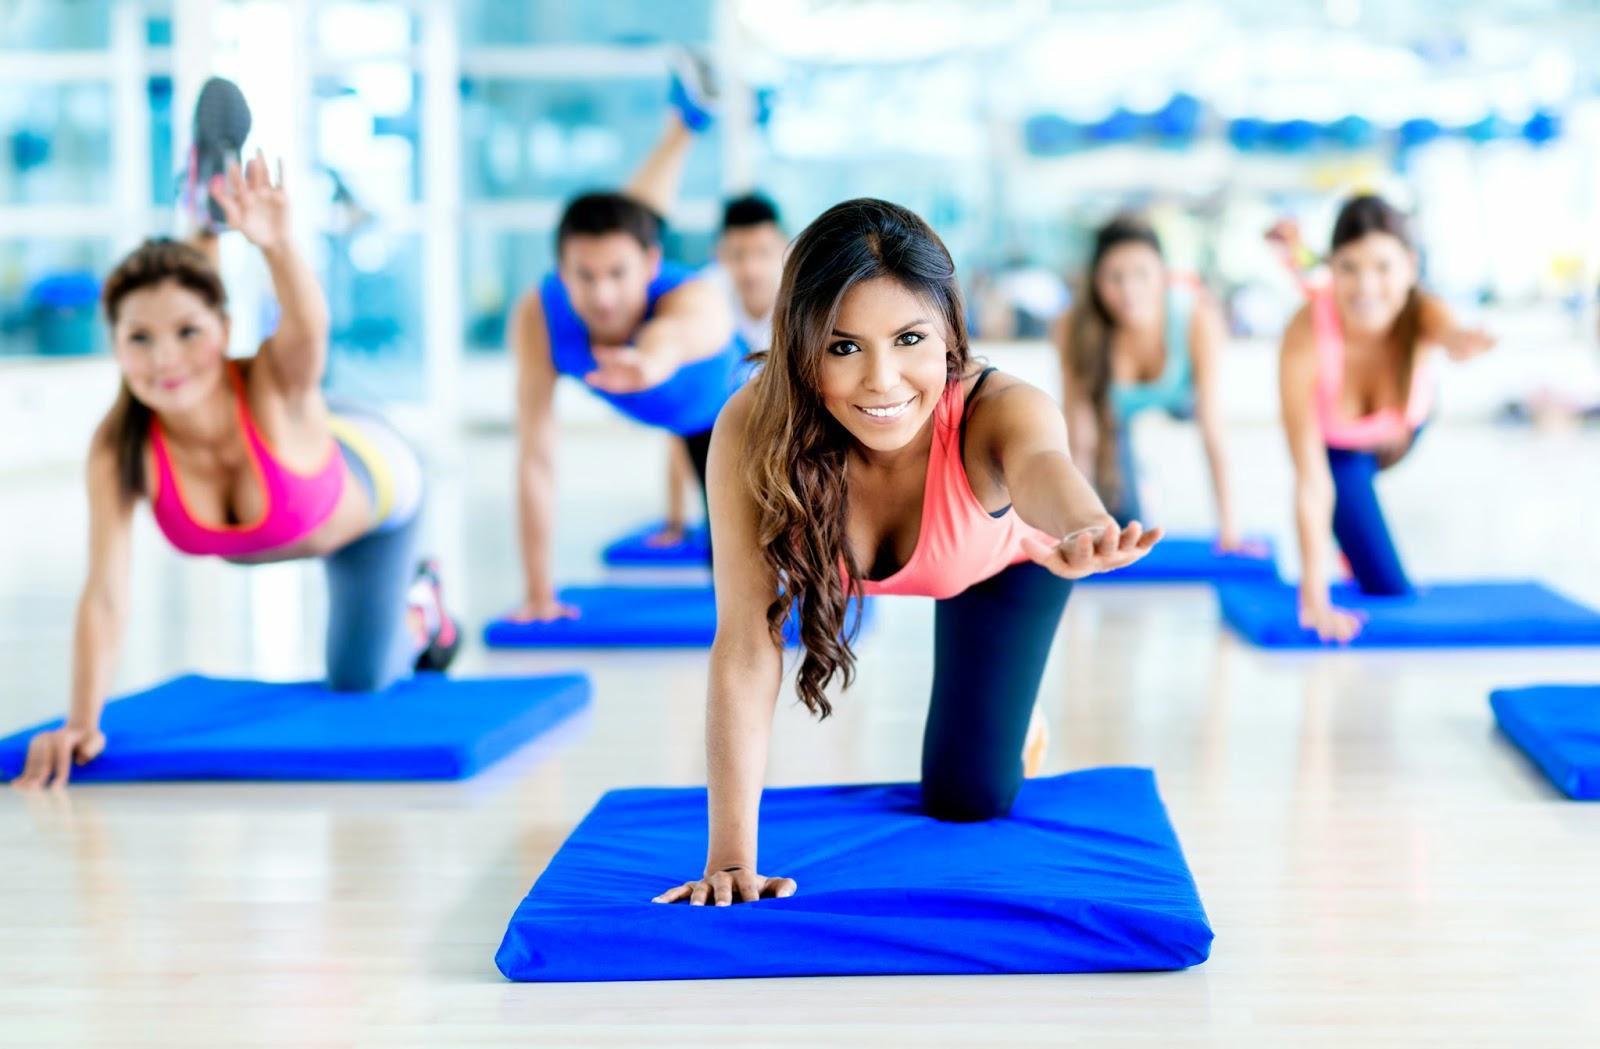 El Fitness mueve casi 27.000 millones en Europa